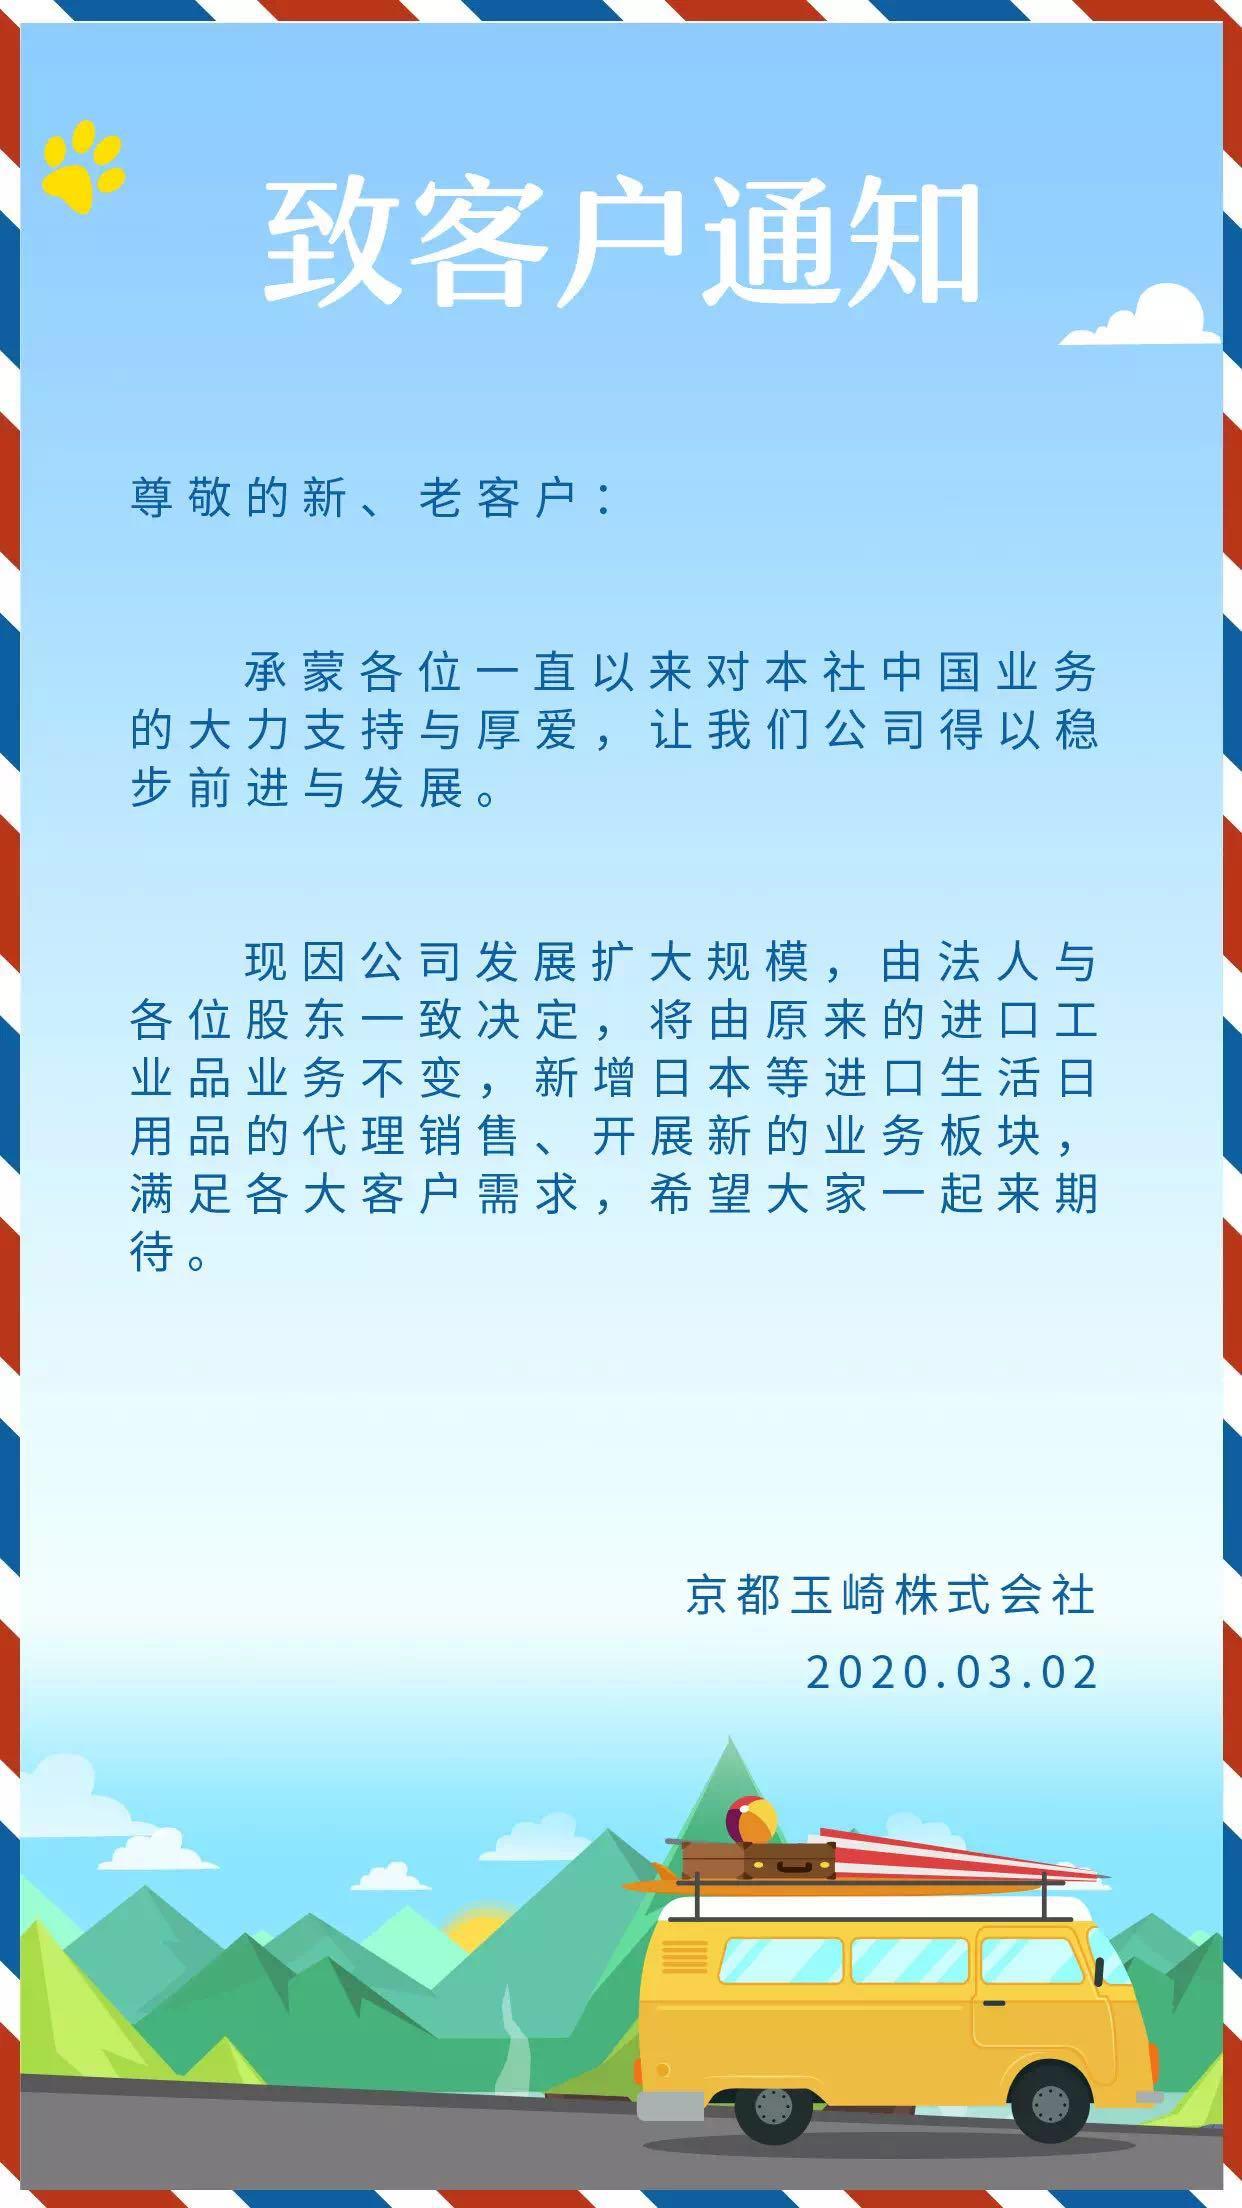 日本综合贸易商社,主要代理智能光源,电子计测,环境设备,FA自动化;国内据点深圳,苏州,重庆,成都,北京,广州,江西